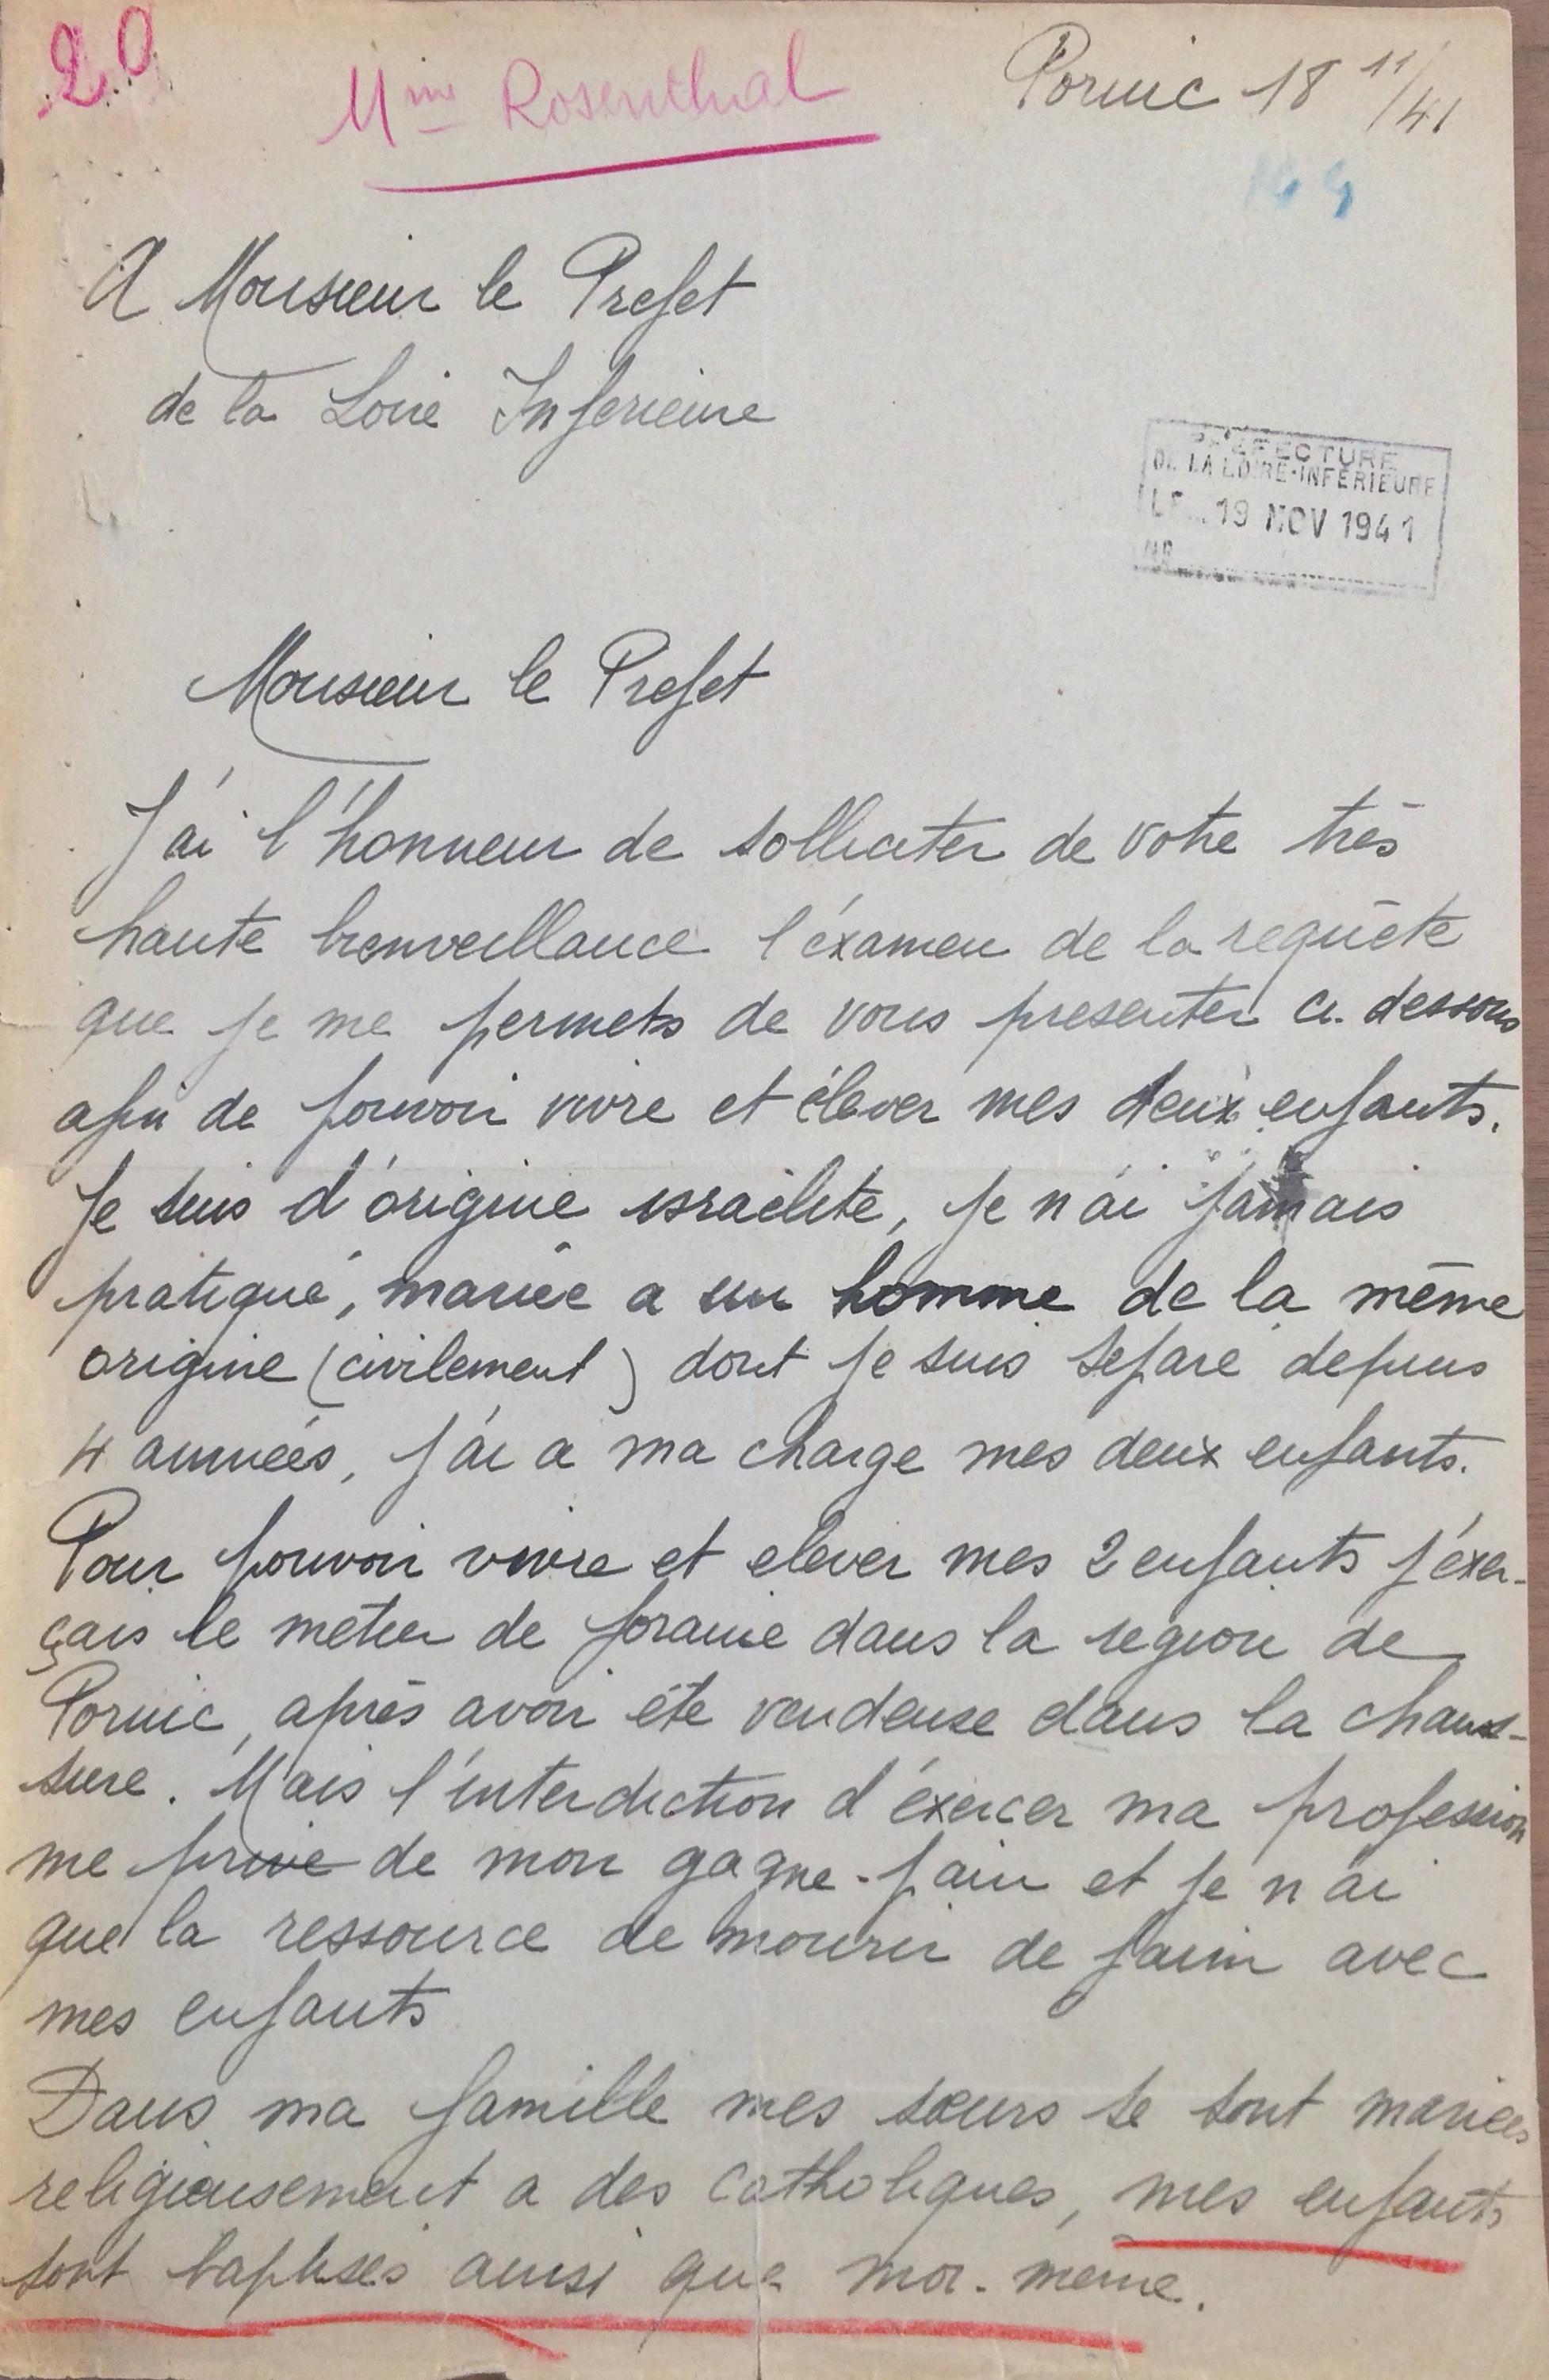 Lettre de marthe ROSENTHAL au Préfet de Loire-Inférieure 18 novembre 1941 [ADLA 1694 W 21]